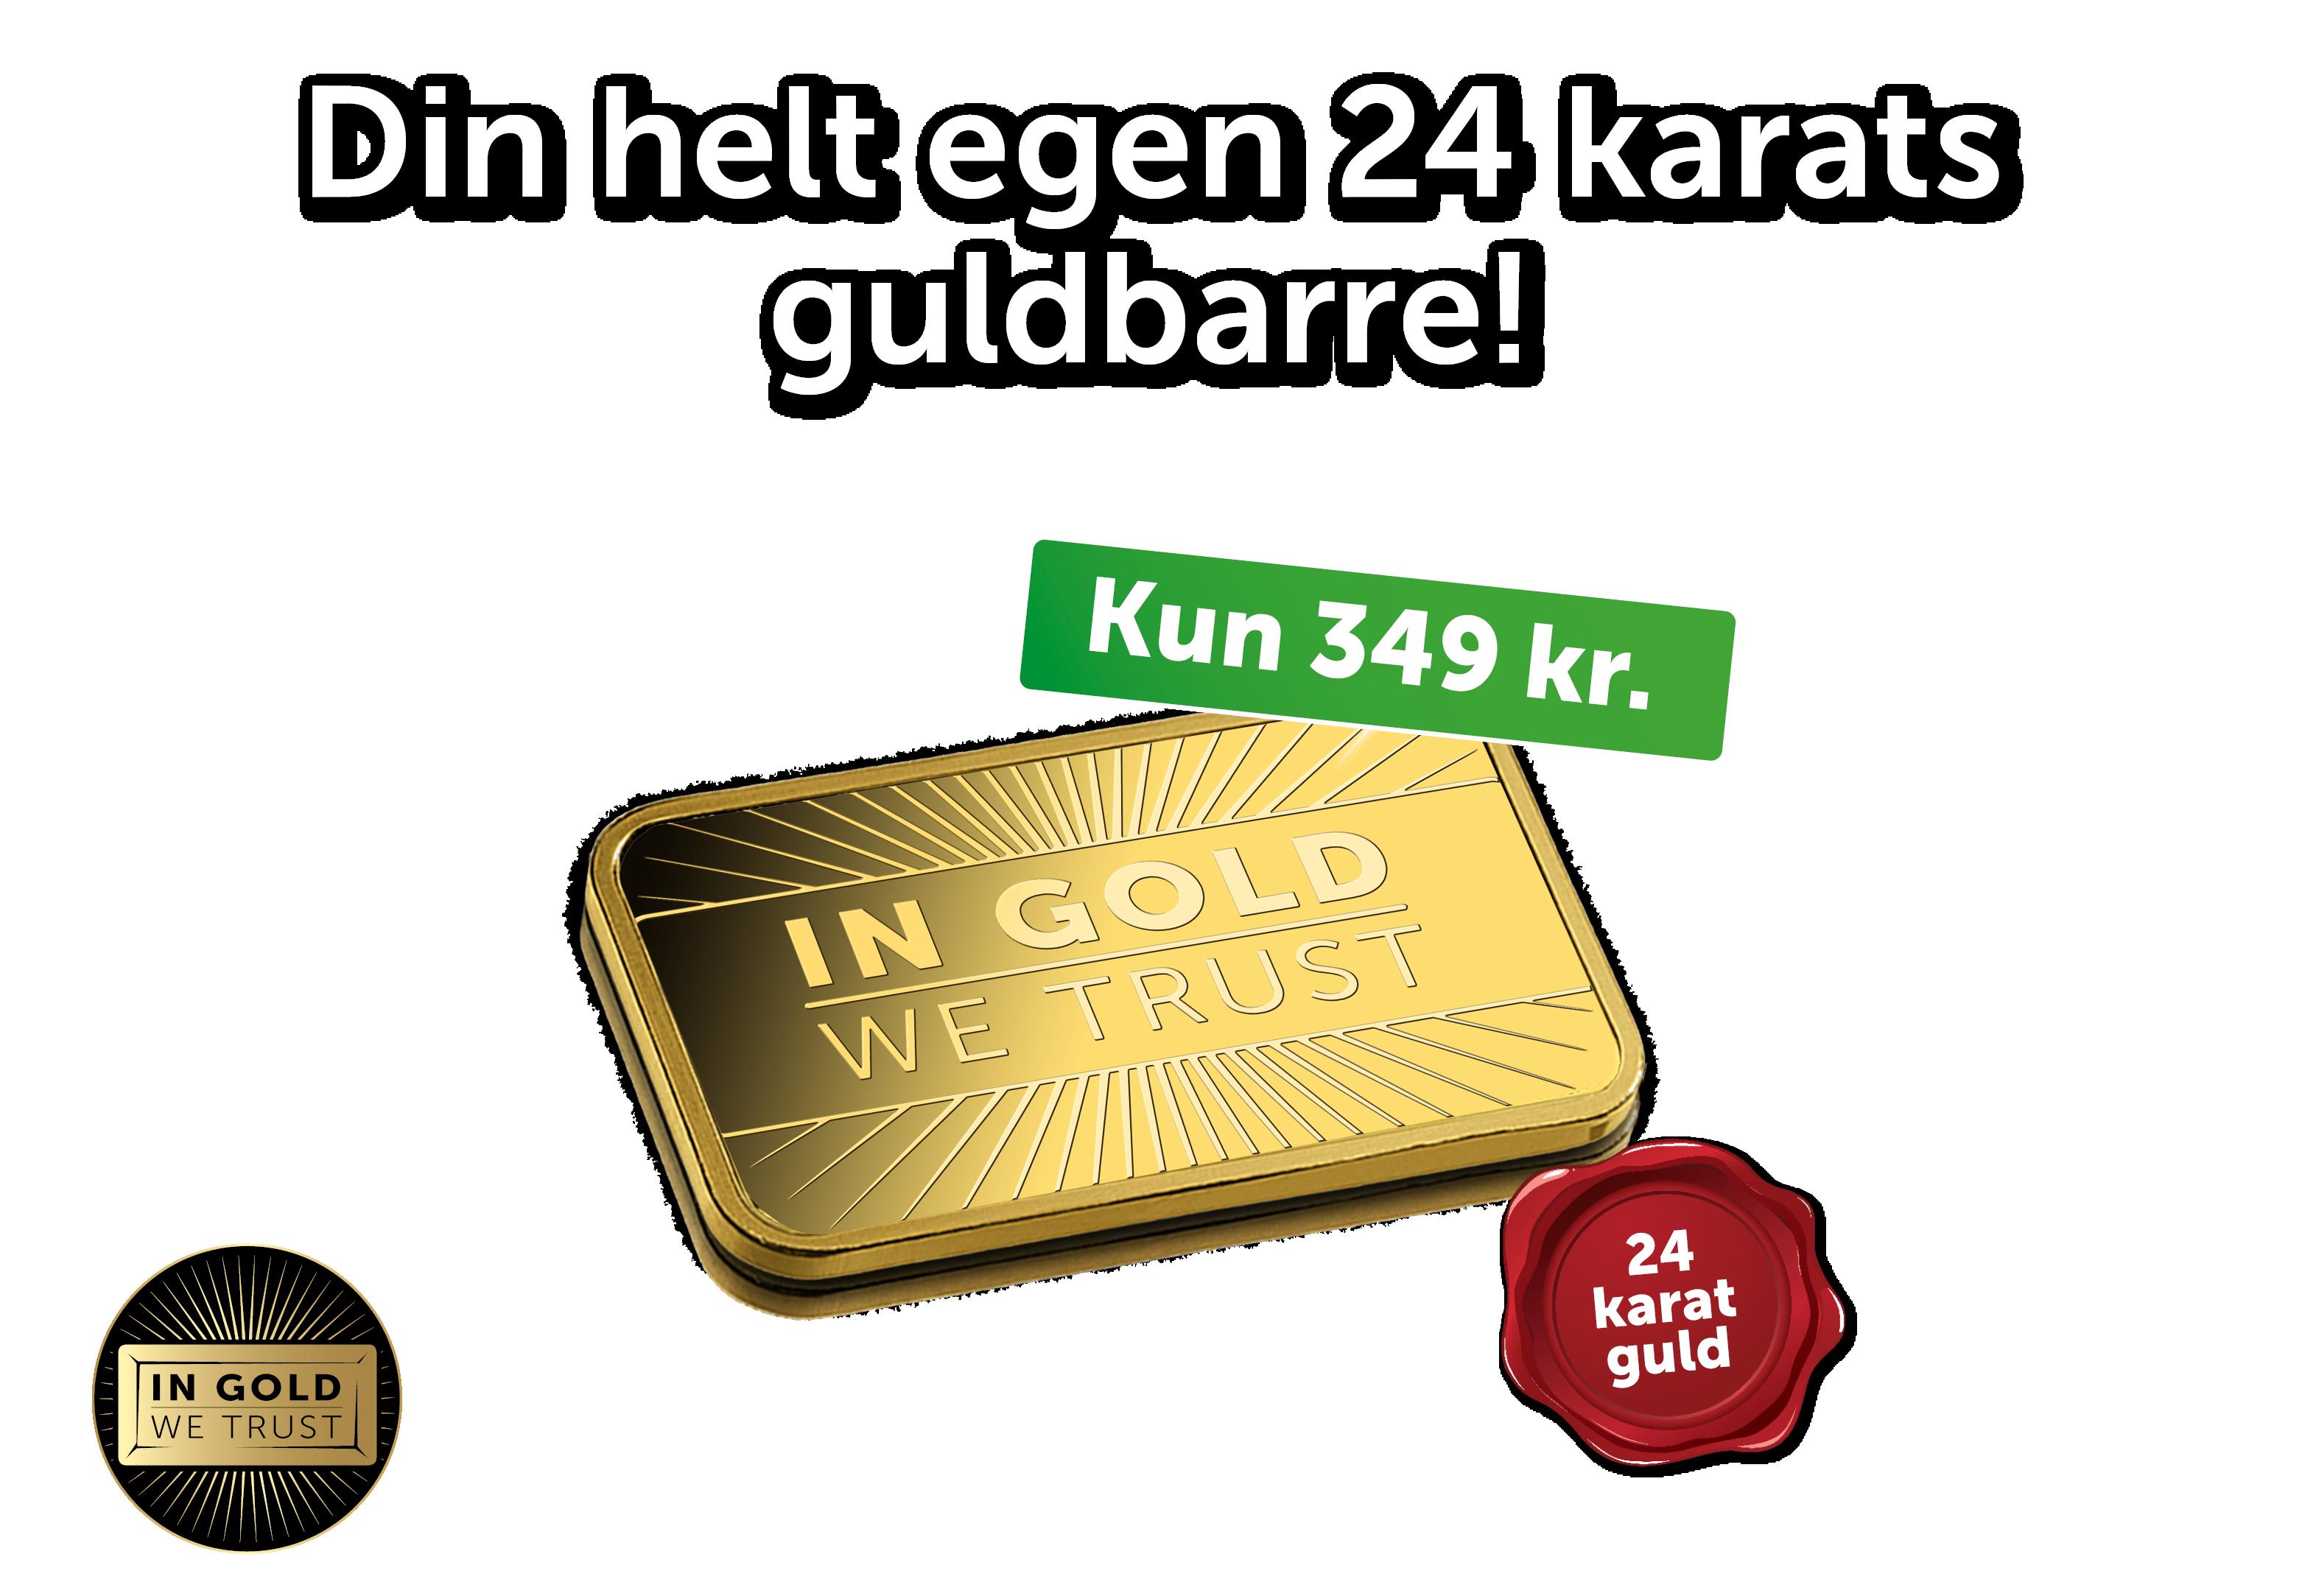 Din helt egen 24 karats guldbarre! - Hele 24 karat guld!